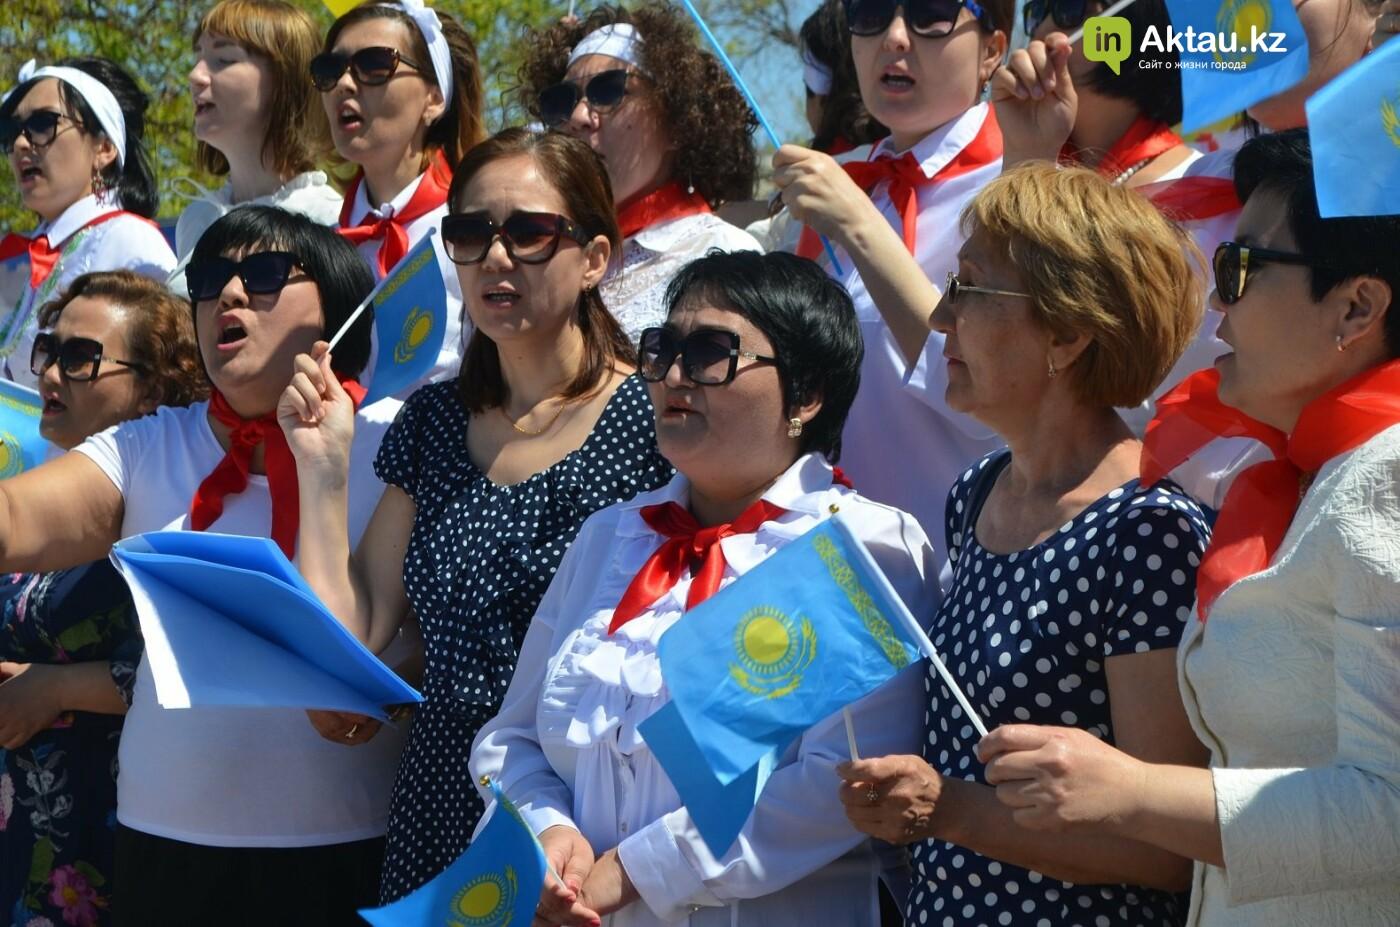 Как в Актау отметили День единства народов (ФОТО), фото-14